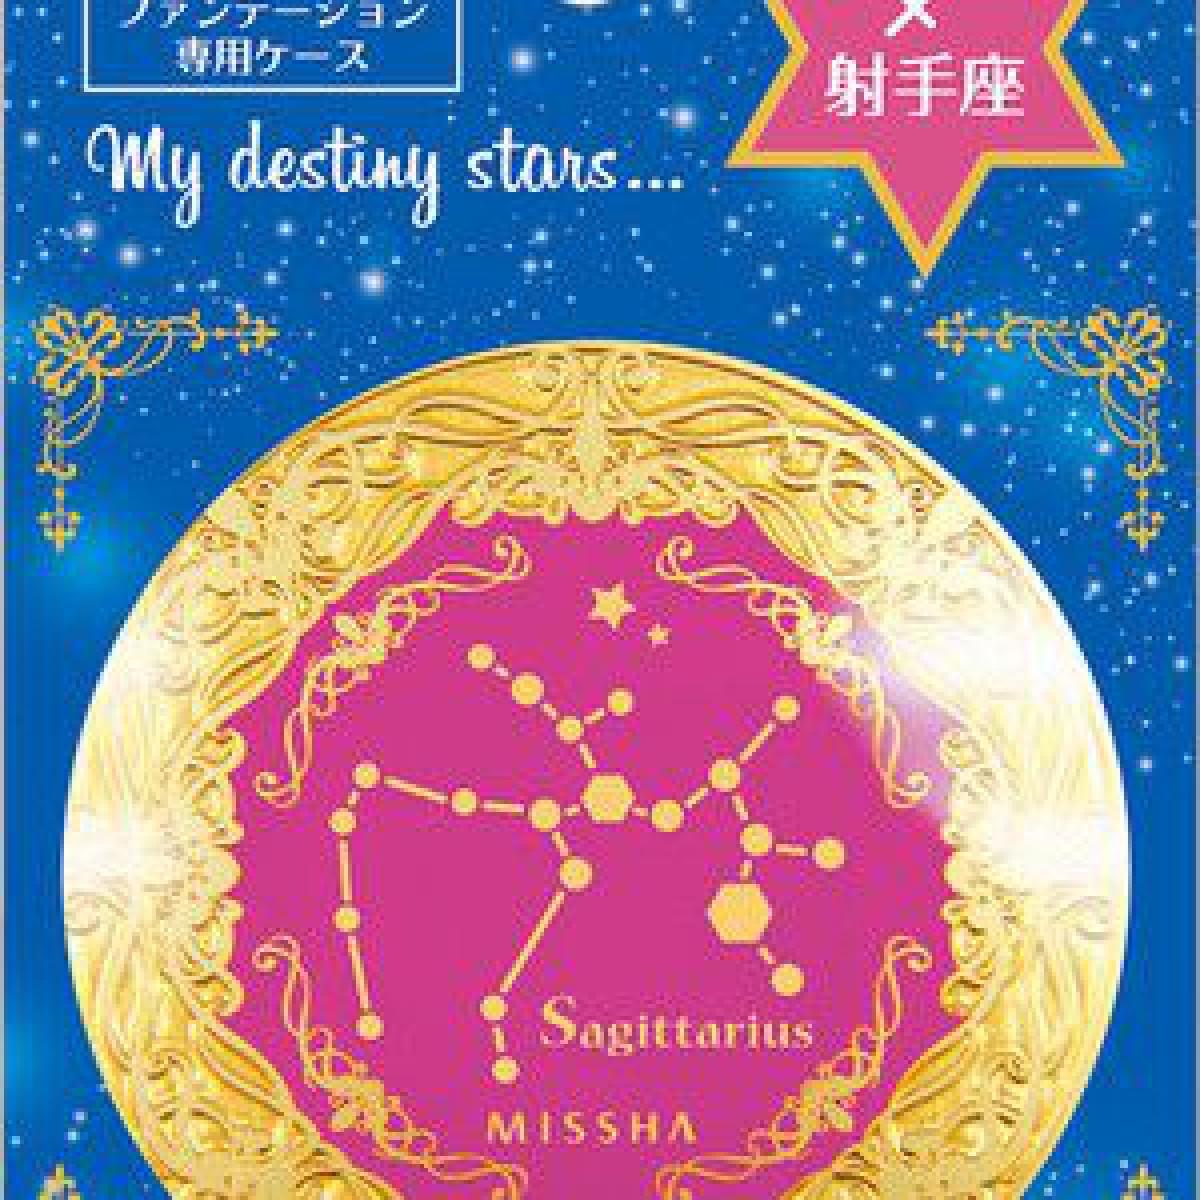 「ミシャ」が星座をモチーフにした限定クッションファンデーションケース発売